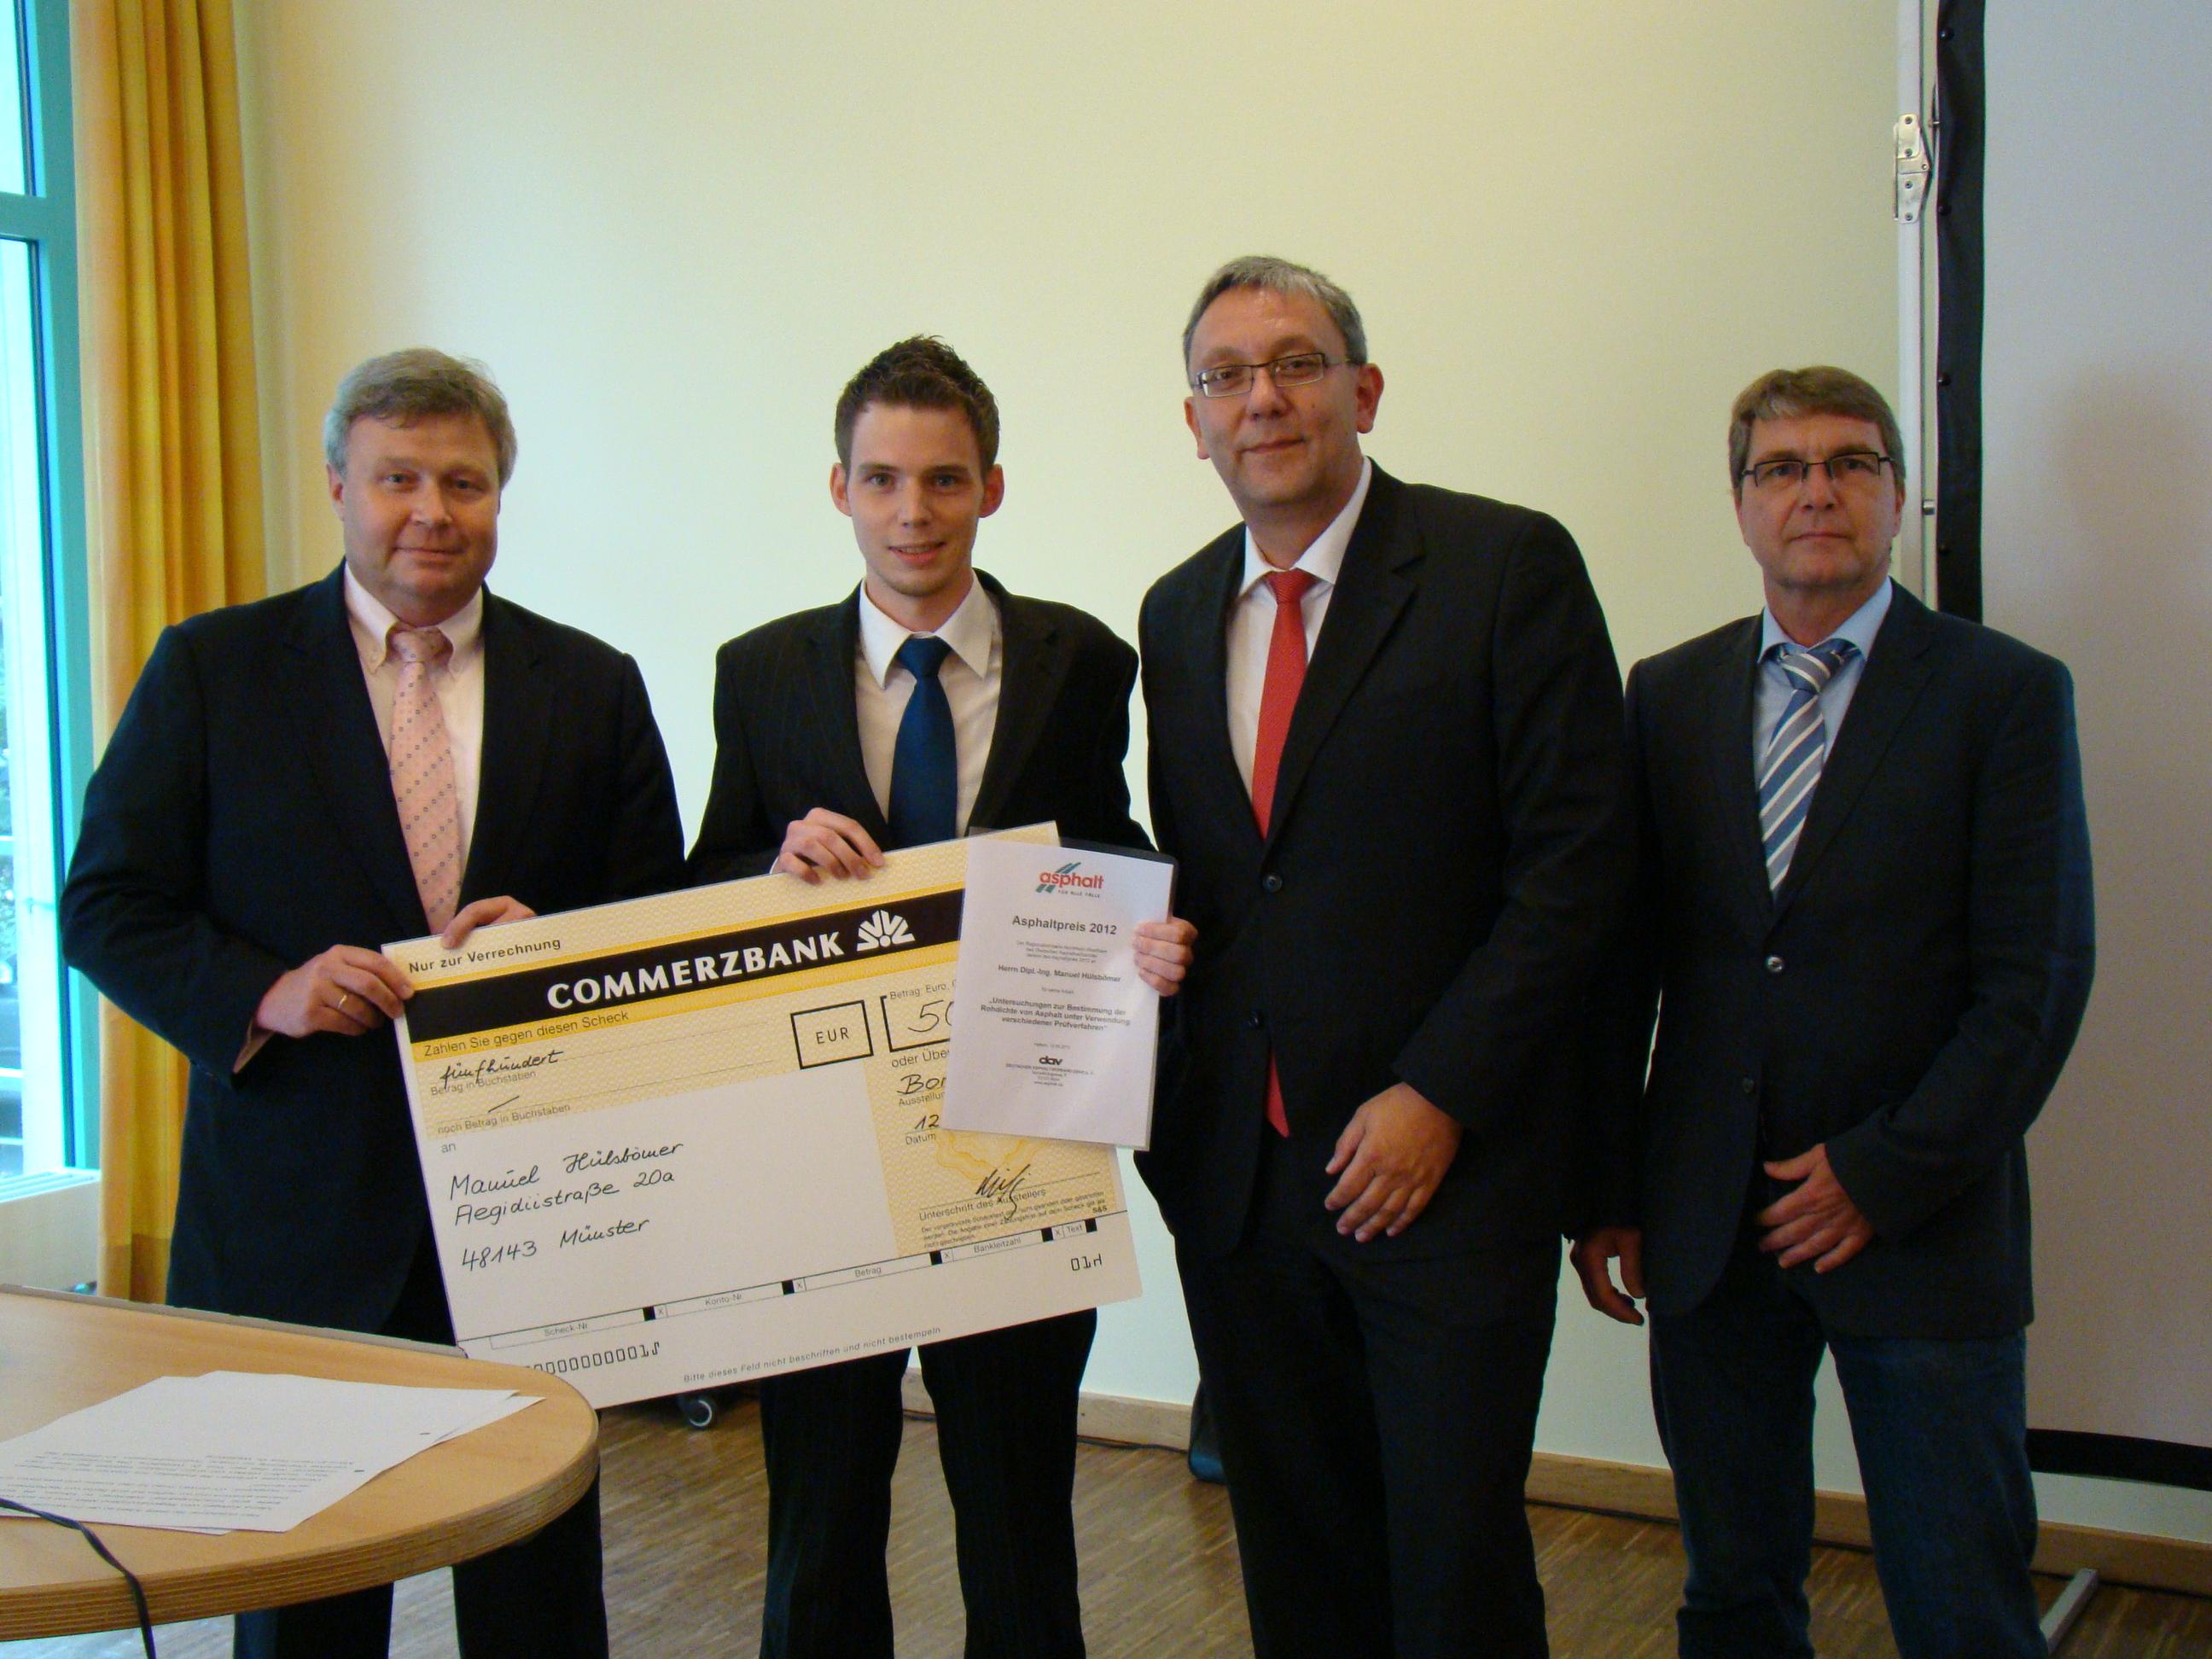 Verleihung Asphaltpreis